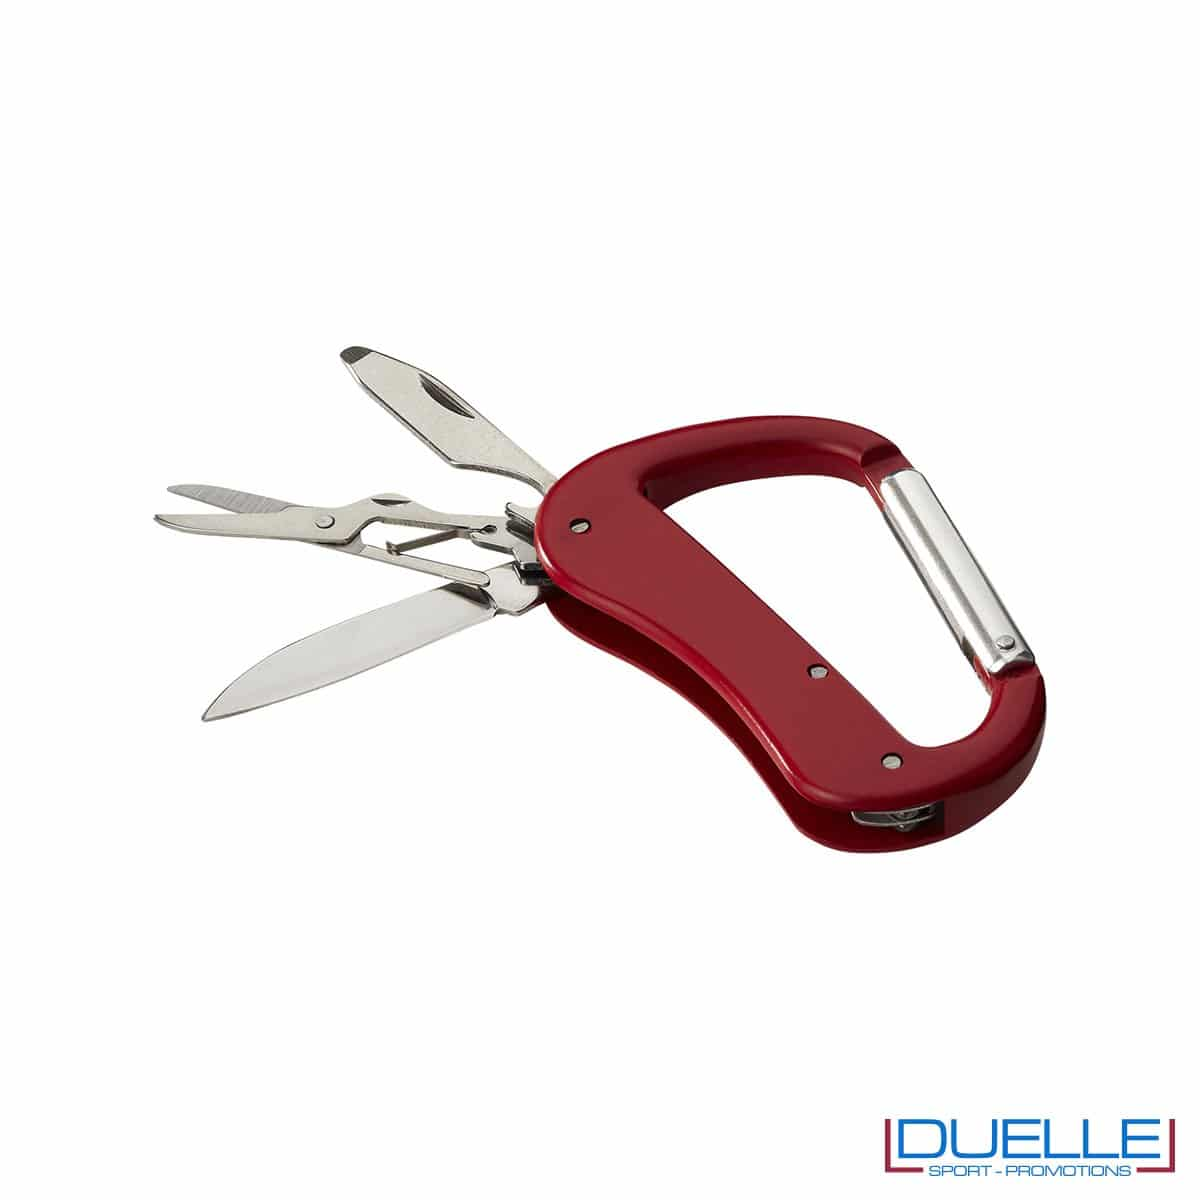 Coltellino 5 funzioni con moschettone personalizzato colore rosso